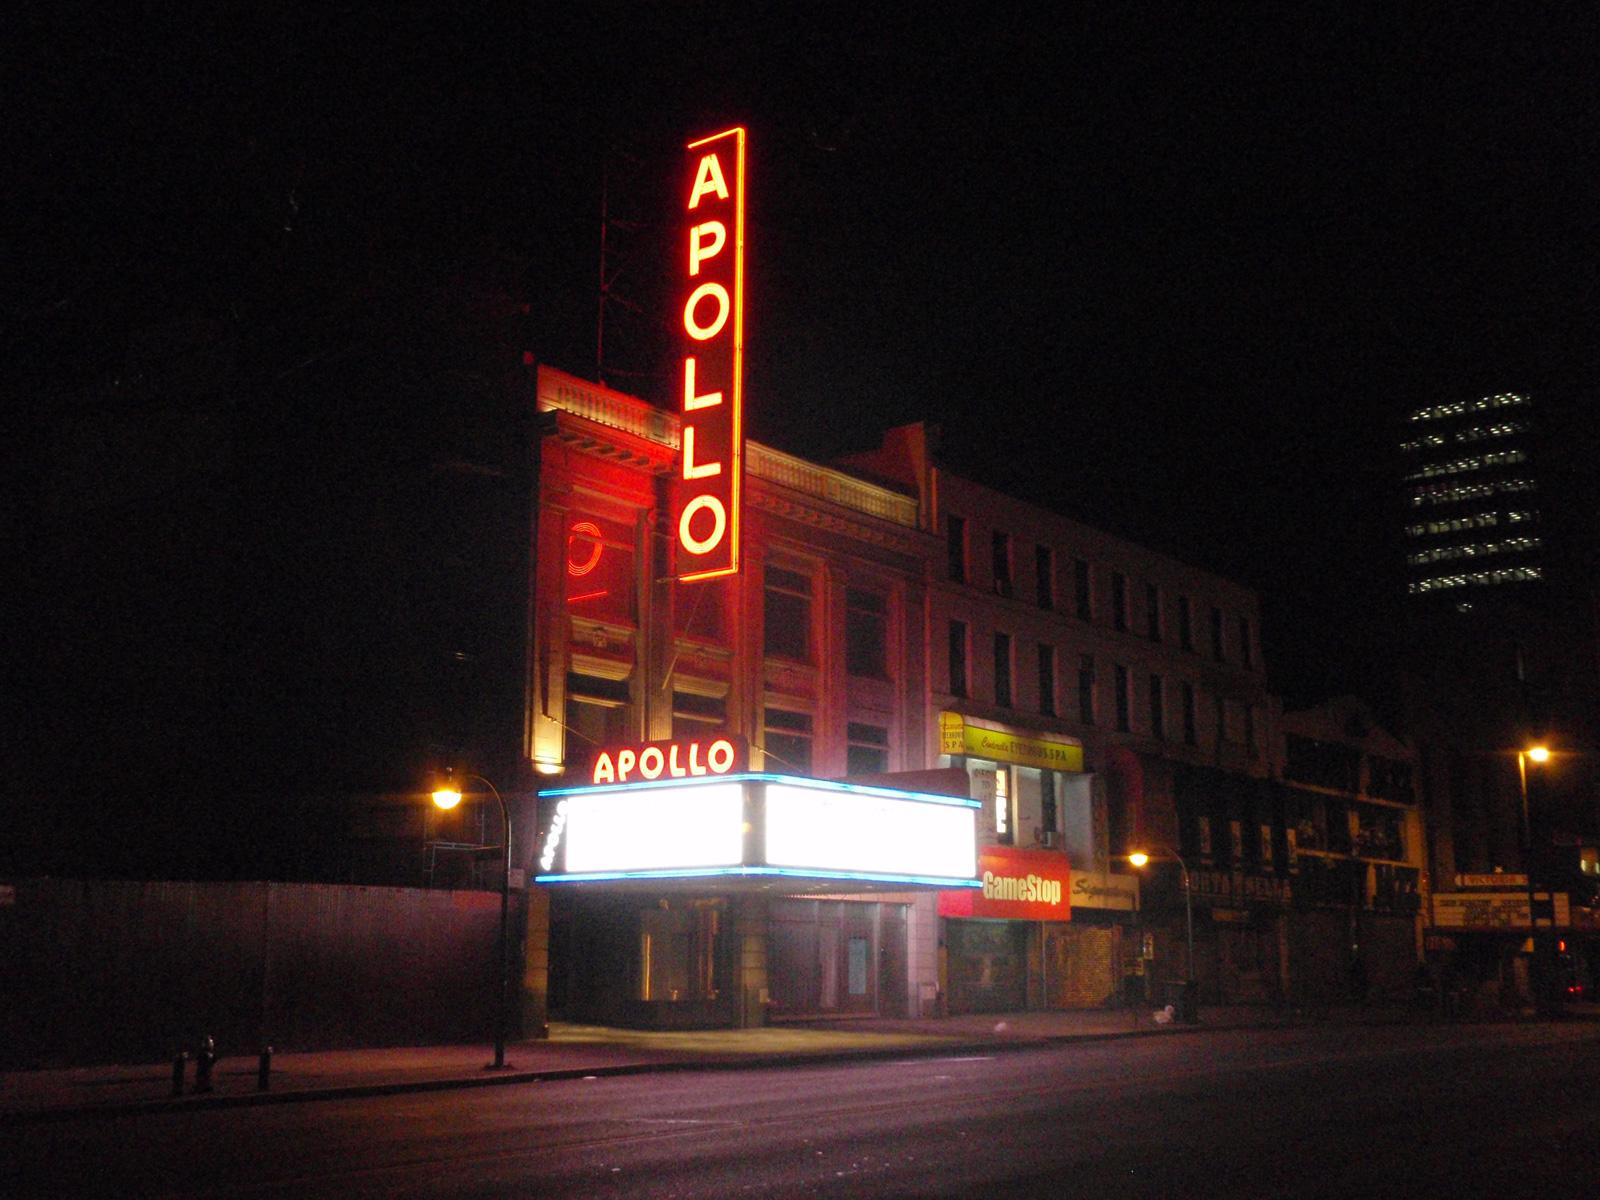 Apollo Theatre, Harlem